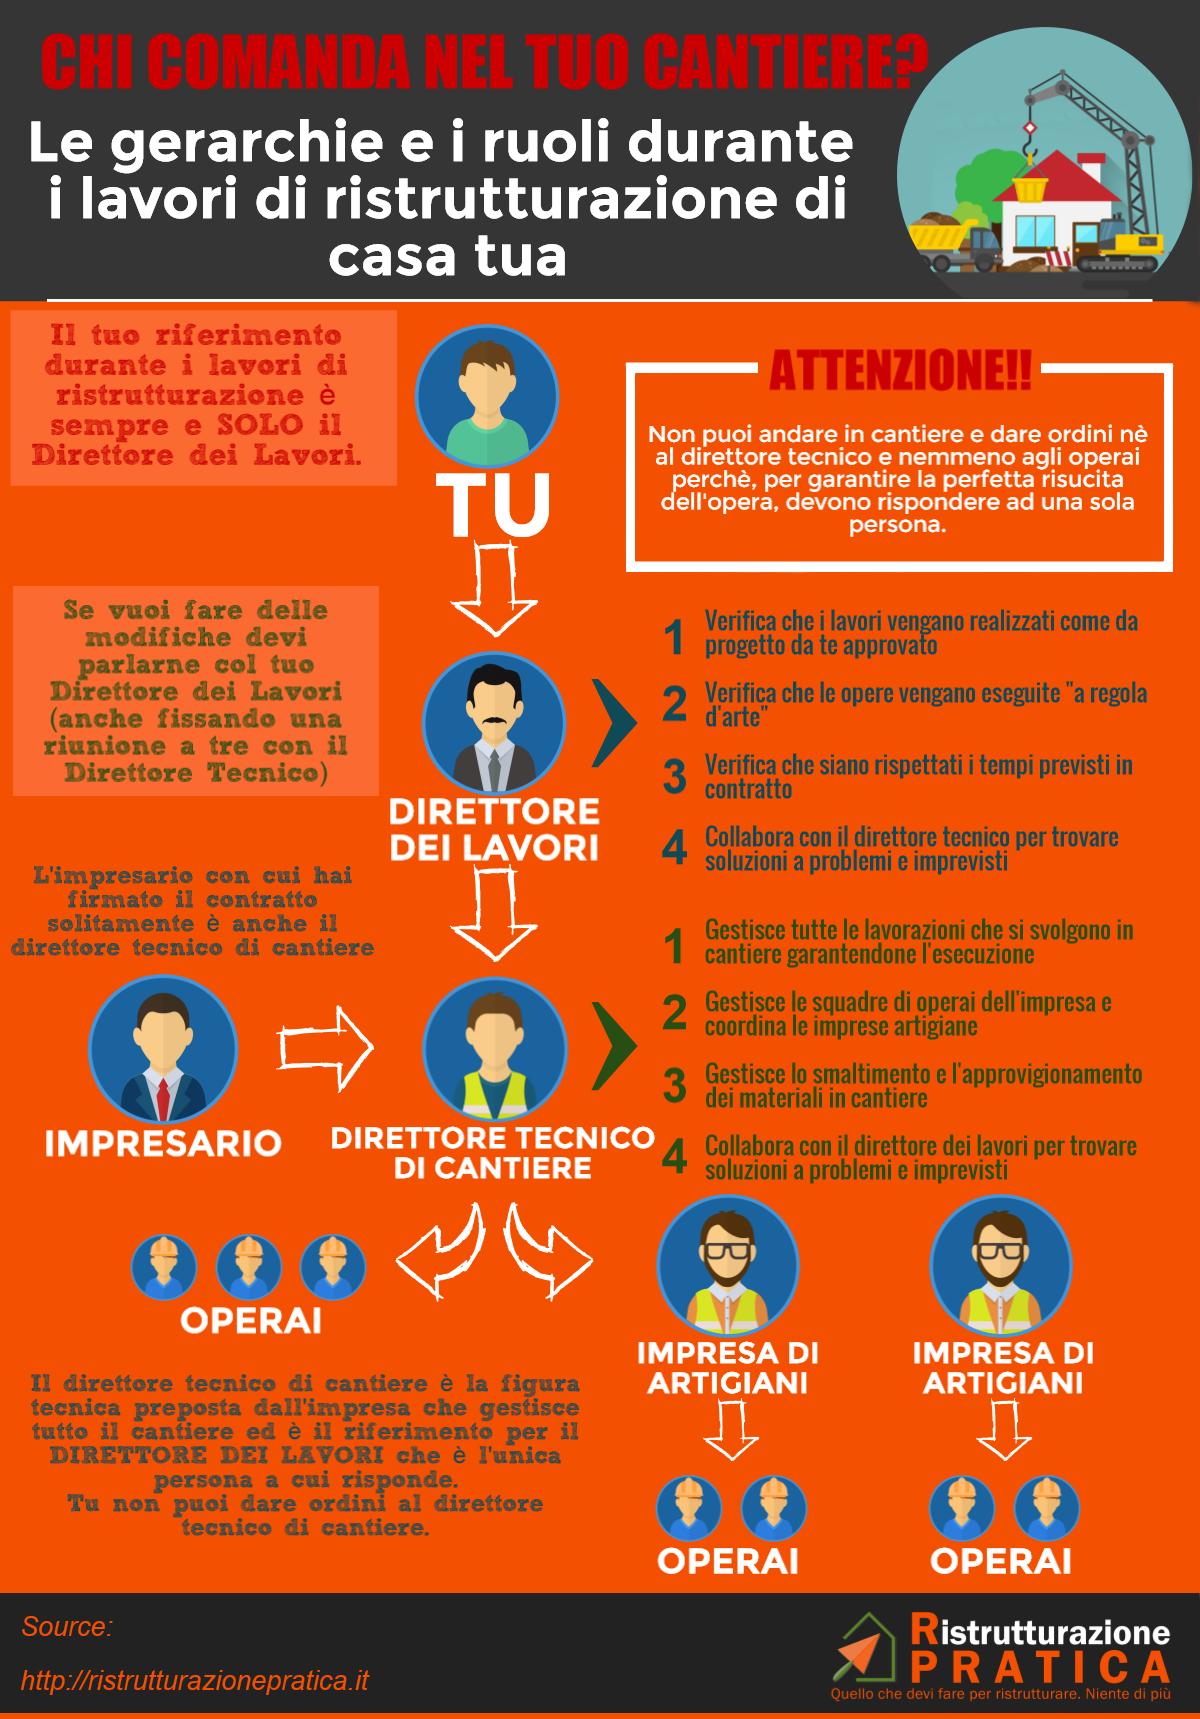 gerarchie di cantiere - infografica